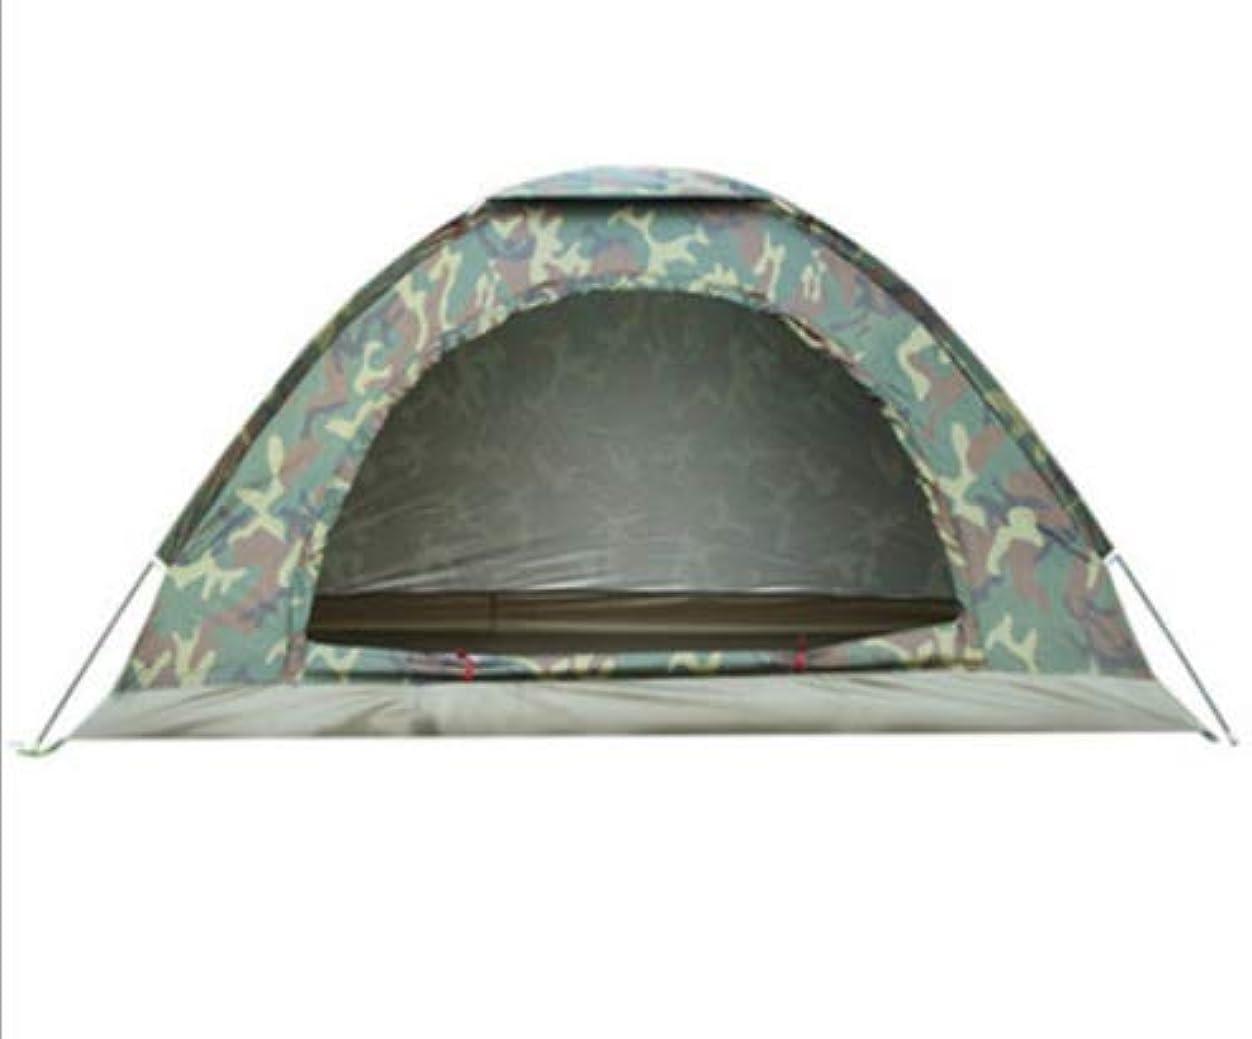 霧パイプラインわずかにOkiiting 200 * 150 * 110CMシングルスポーツアウトドア迷彩テントキャンプテント2人が、大きな空間構造が可能旅行より安定した防水1000MM害虫駆除換気 うまく設計された